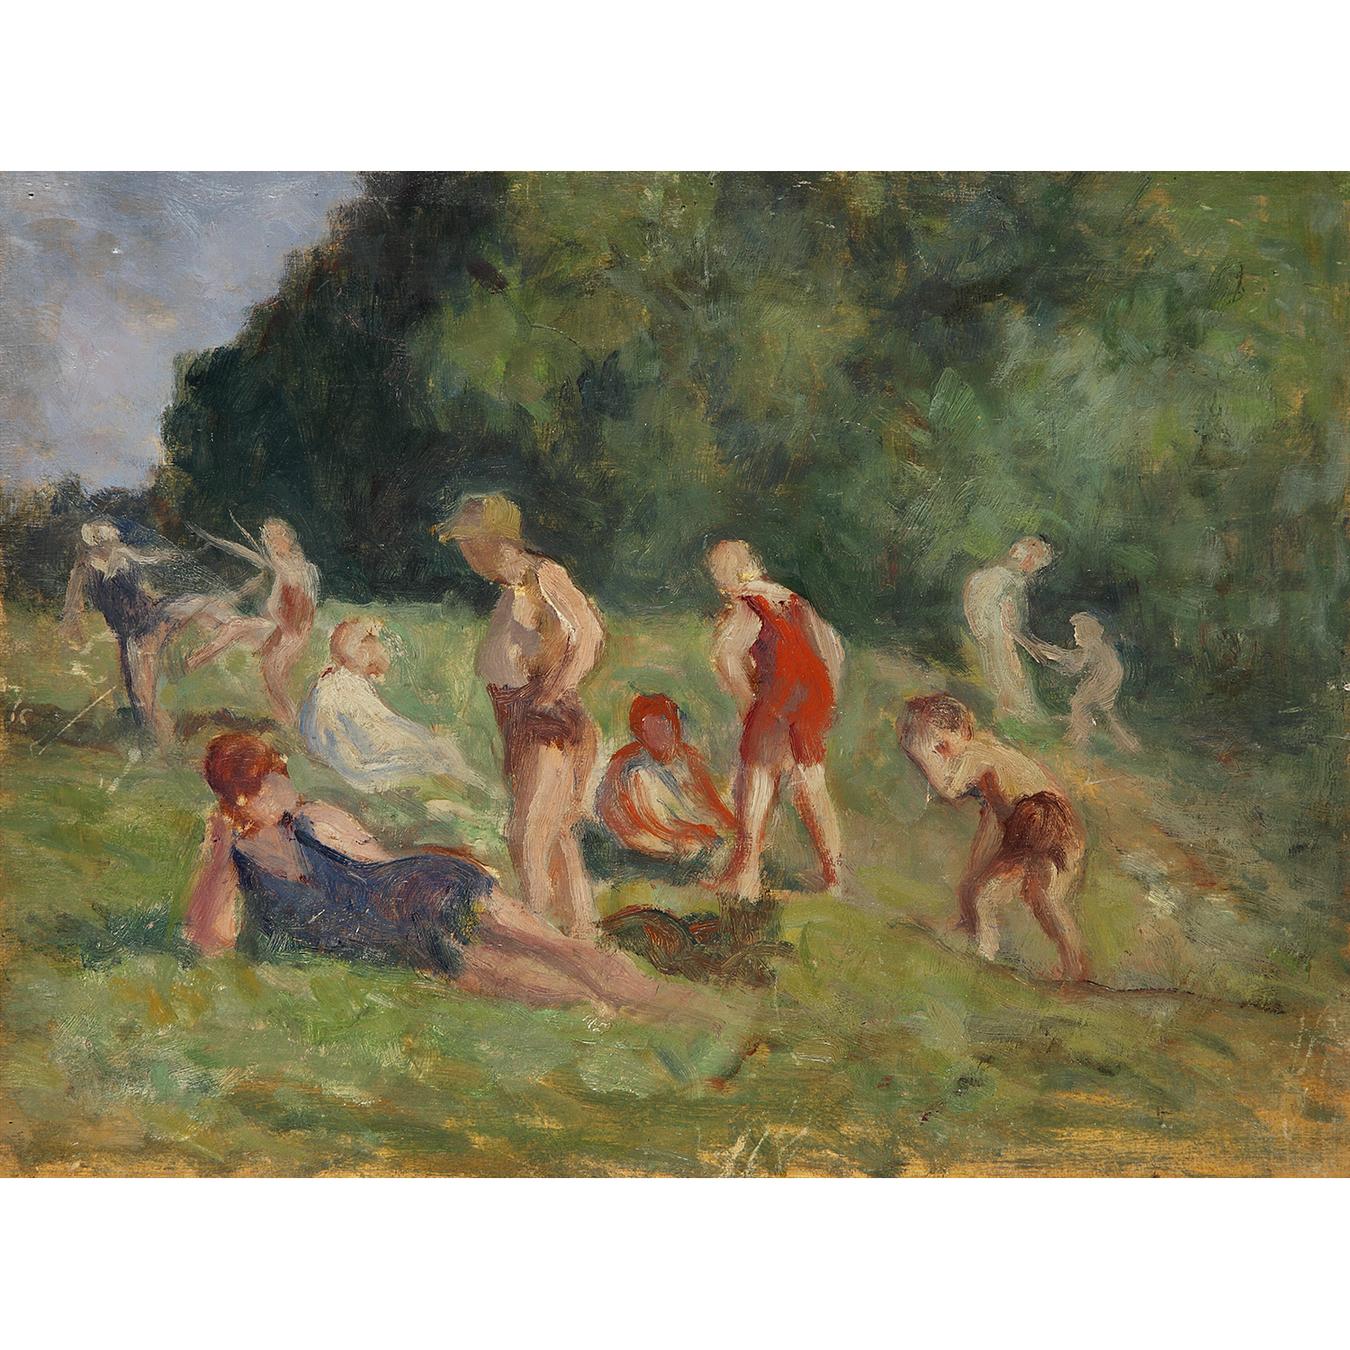 Maximilien Luce-Balayage De La Chaussee, Vers-1930